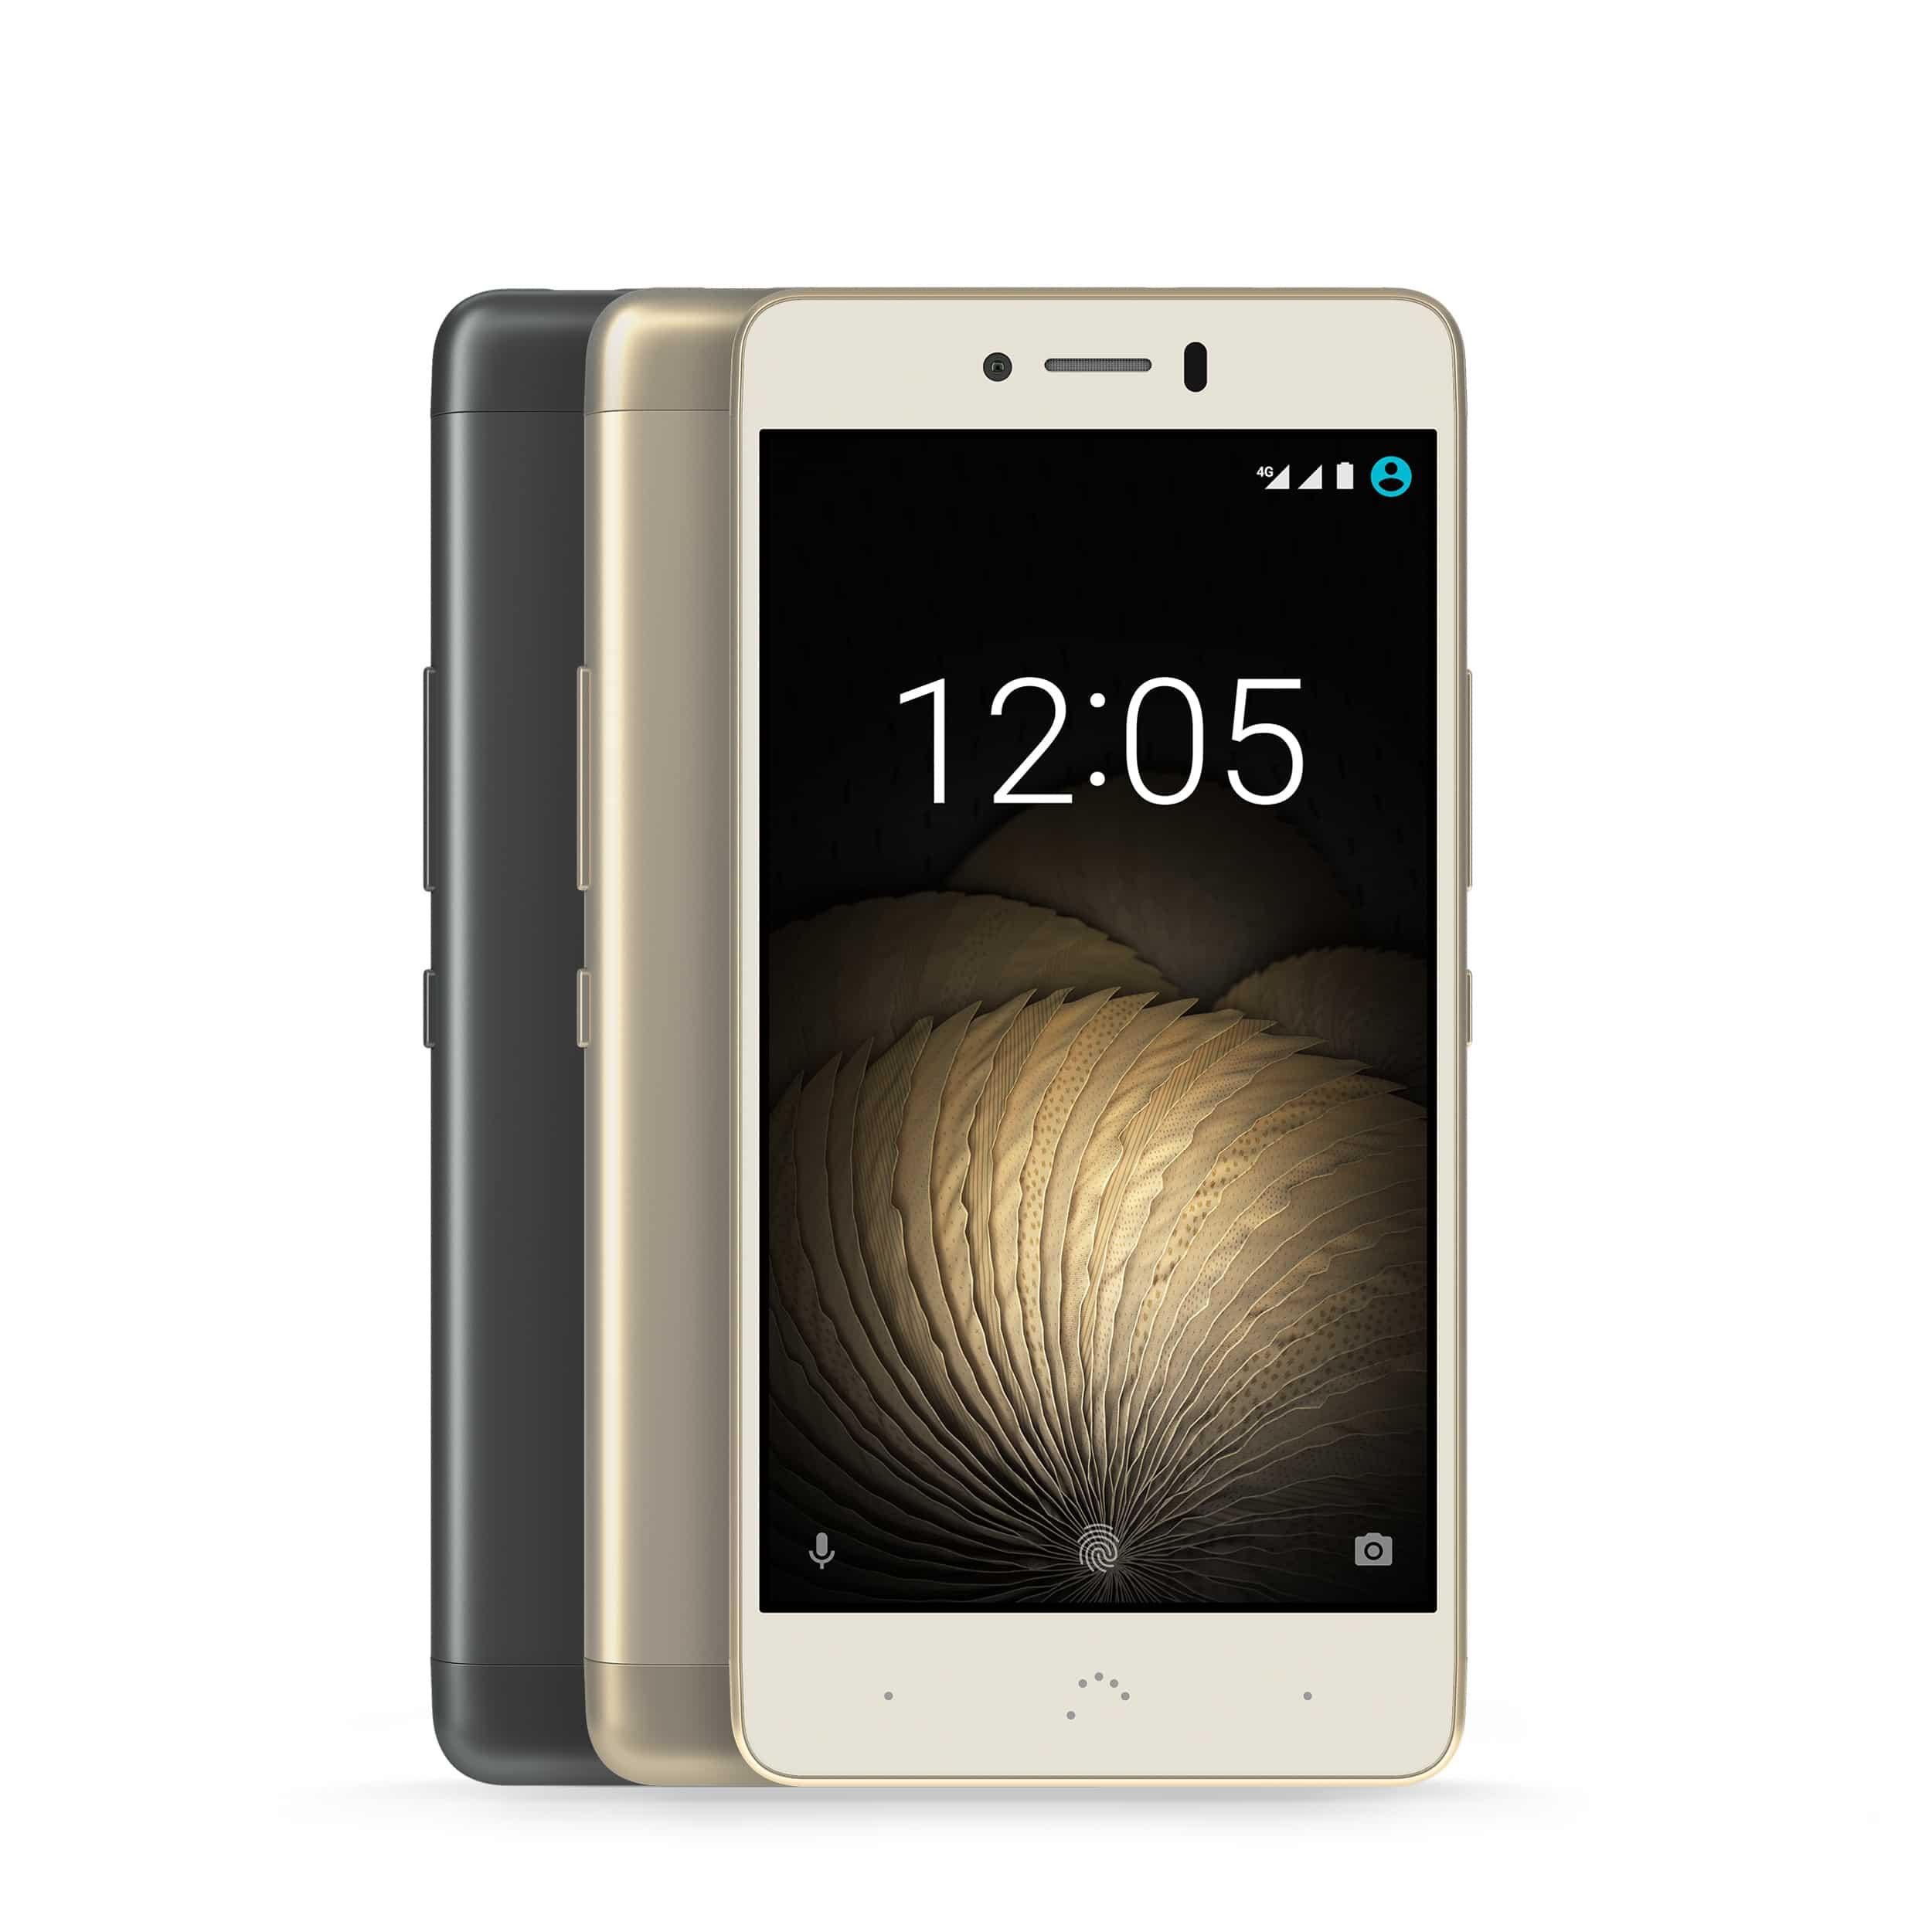 Bild von Neue Low-End Smartphone Serie von BQ Aquaris U